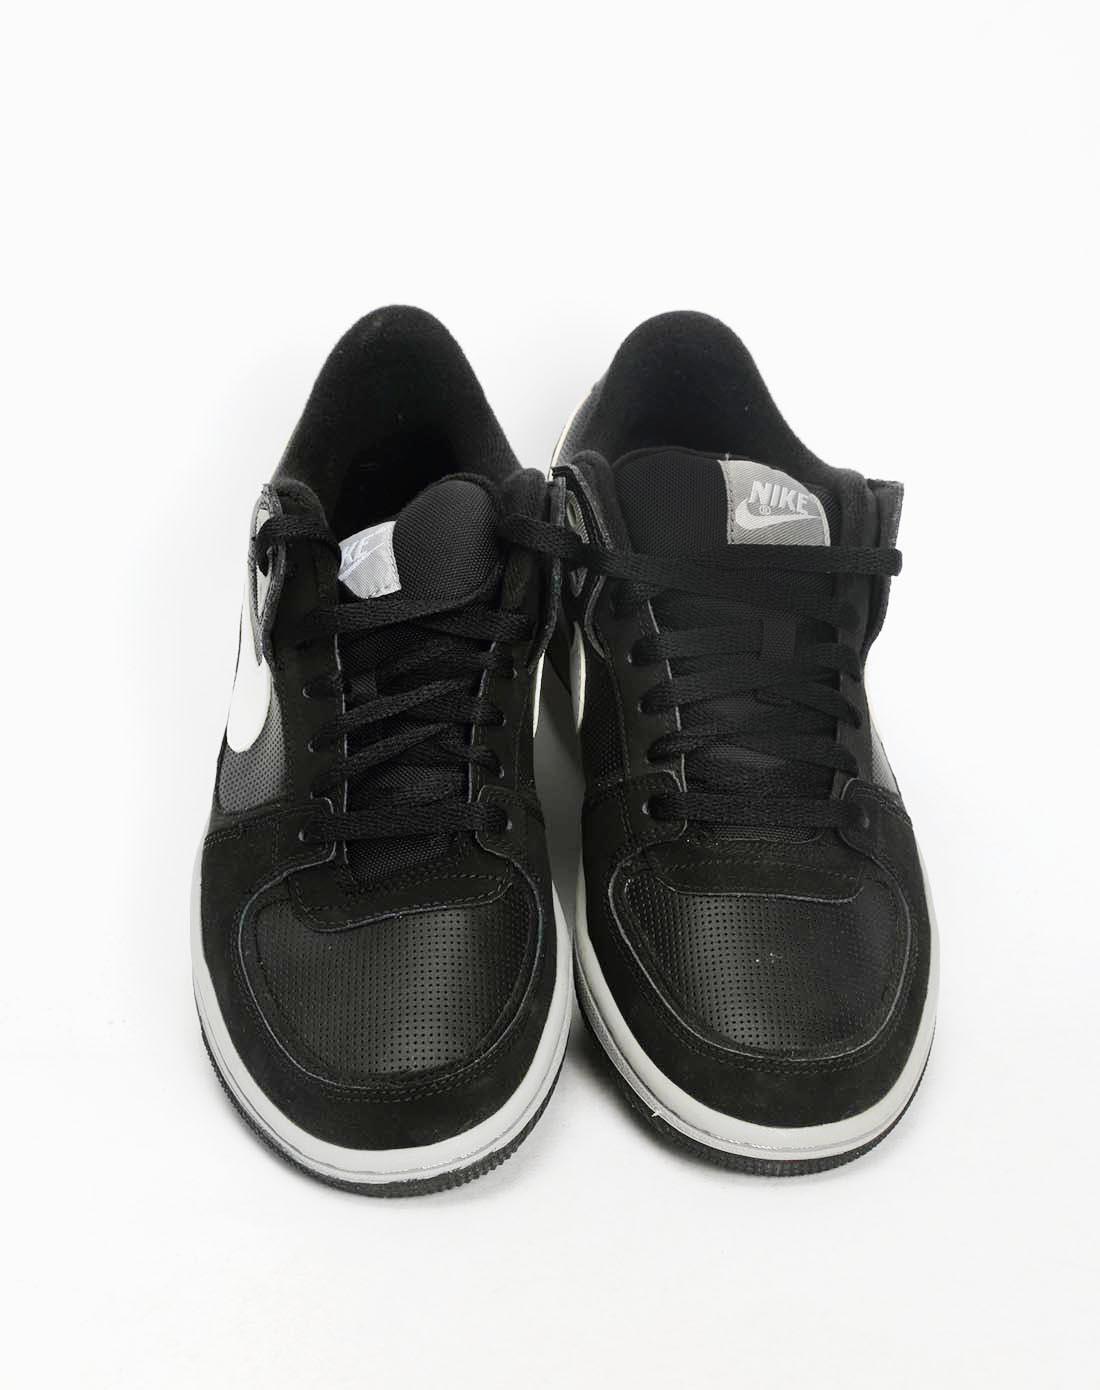 耐克nike-男子黑色复古鞋407924-004